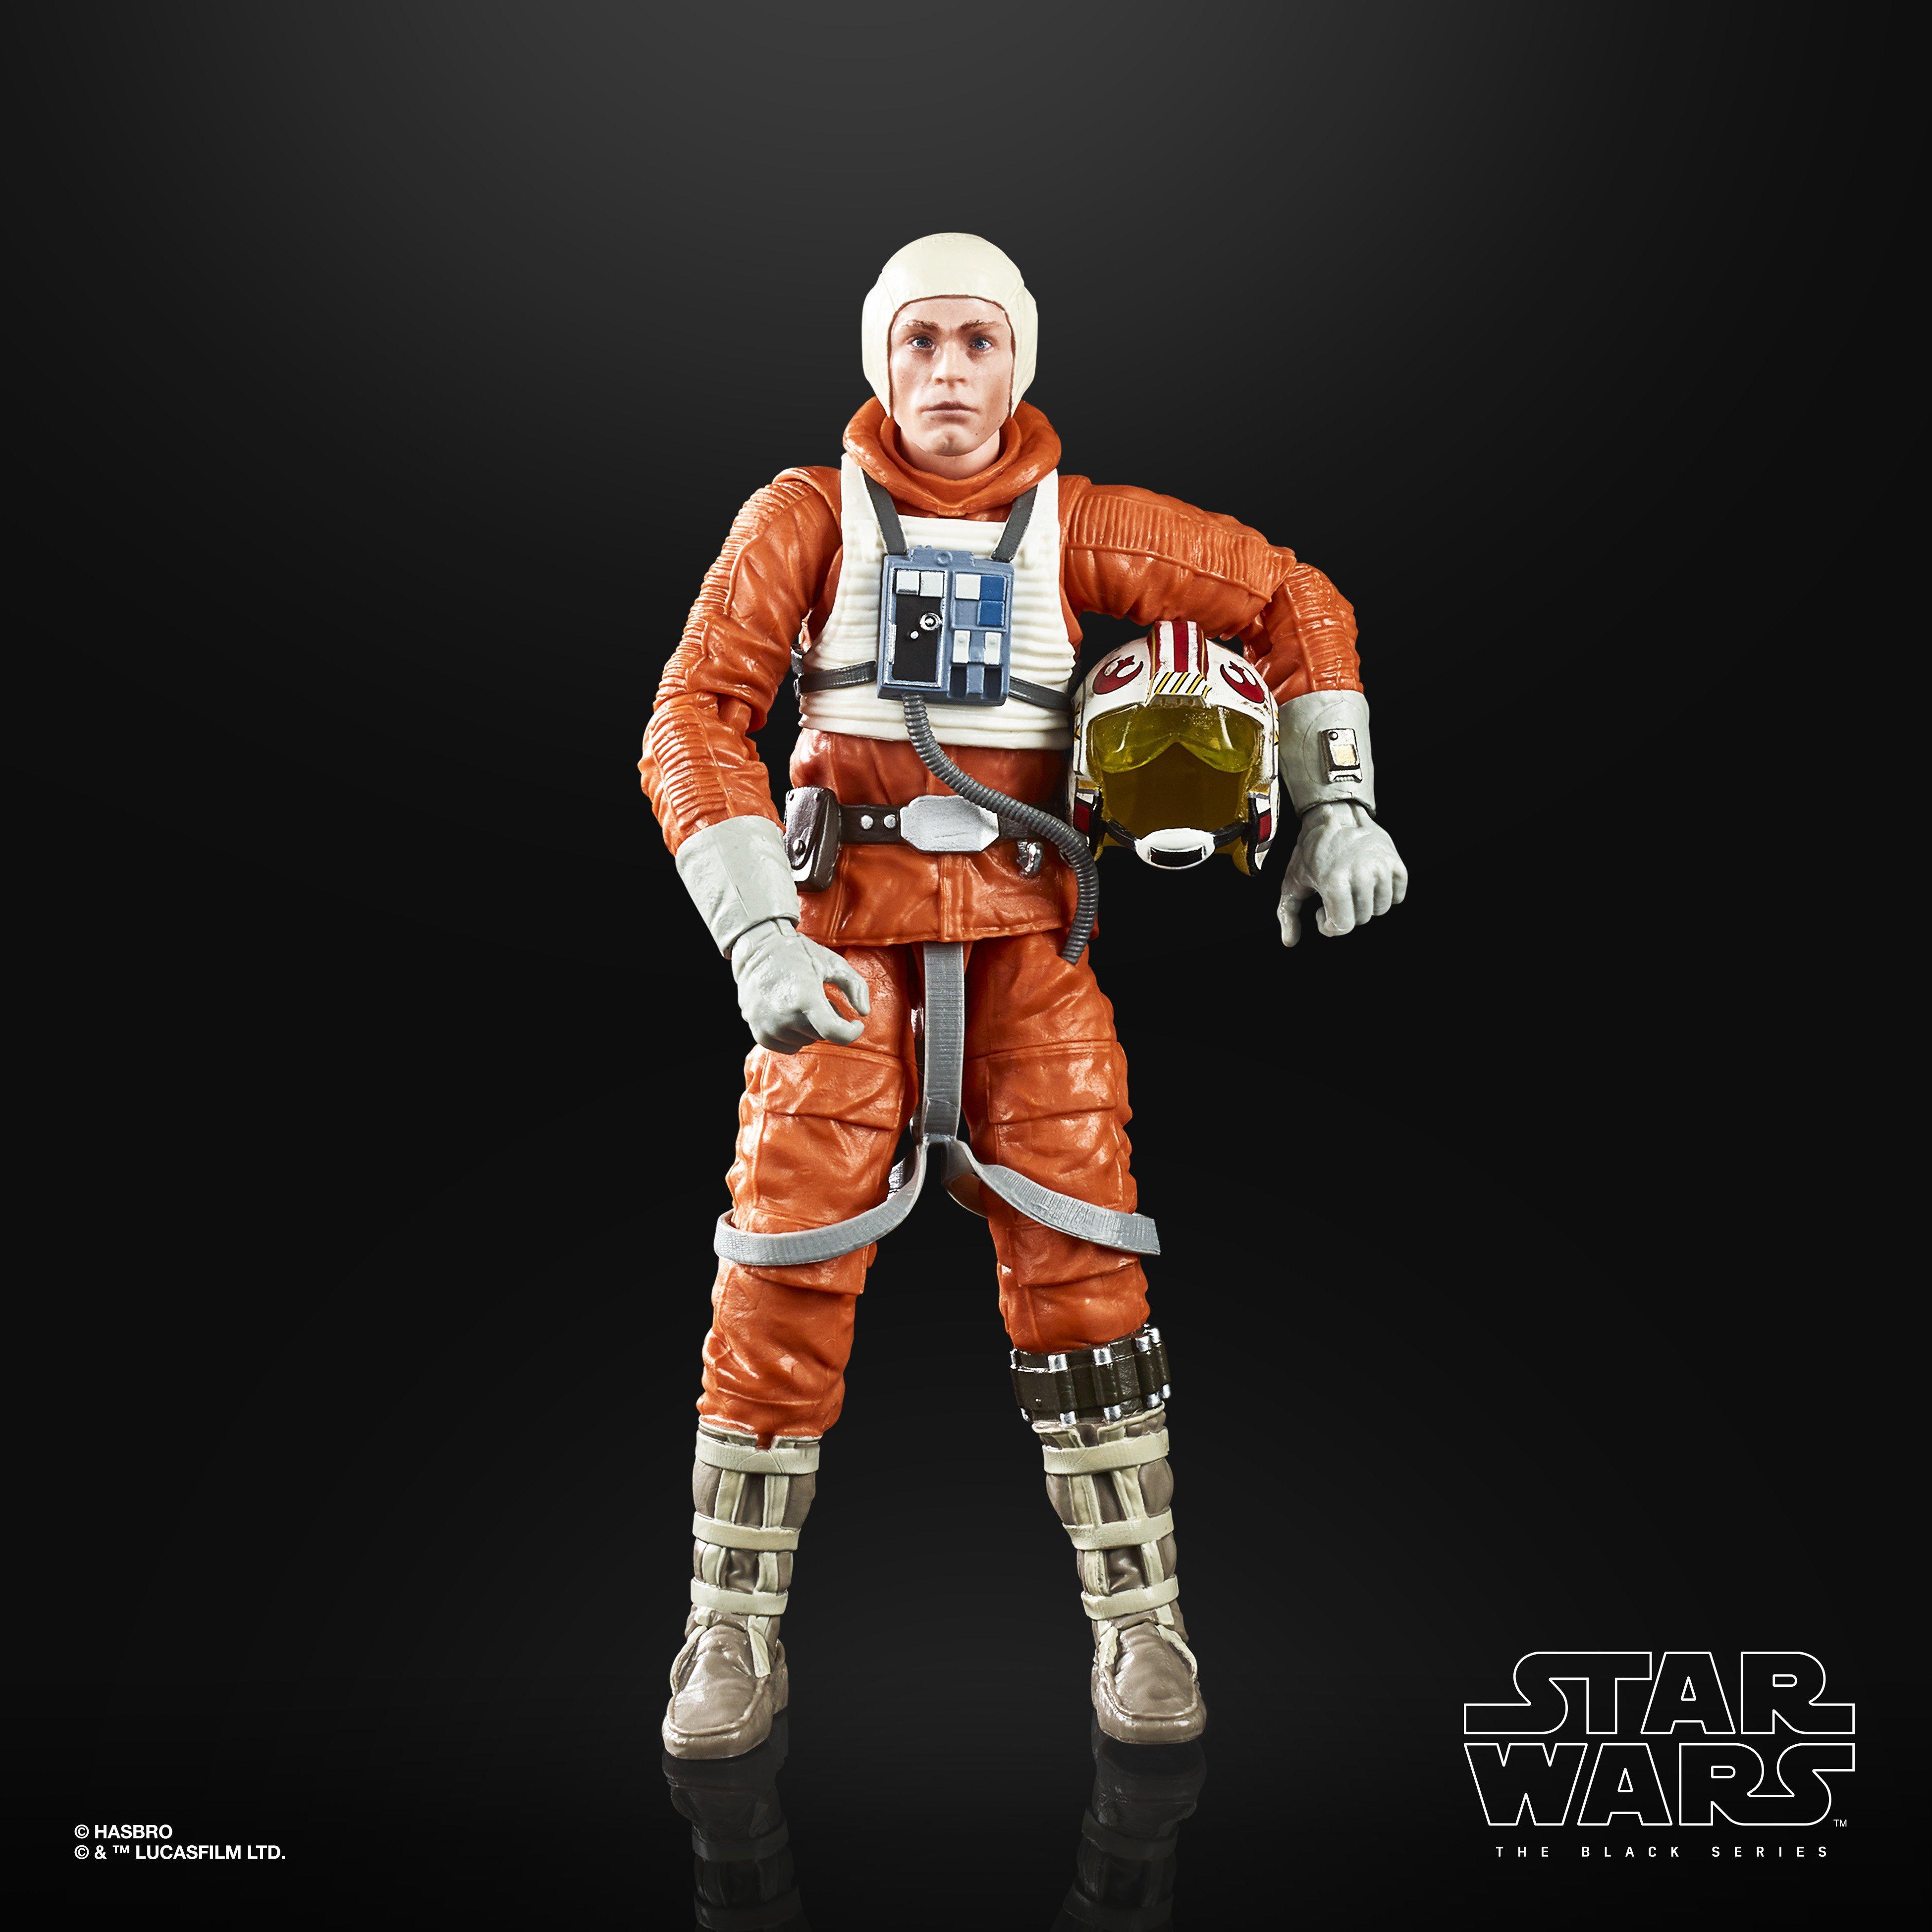 Star Wars The Black Series ~ Empire Strikes Back 40th Anniversary ~ Snowspeeder